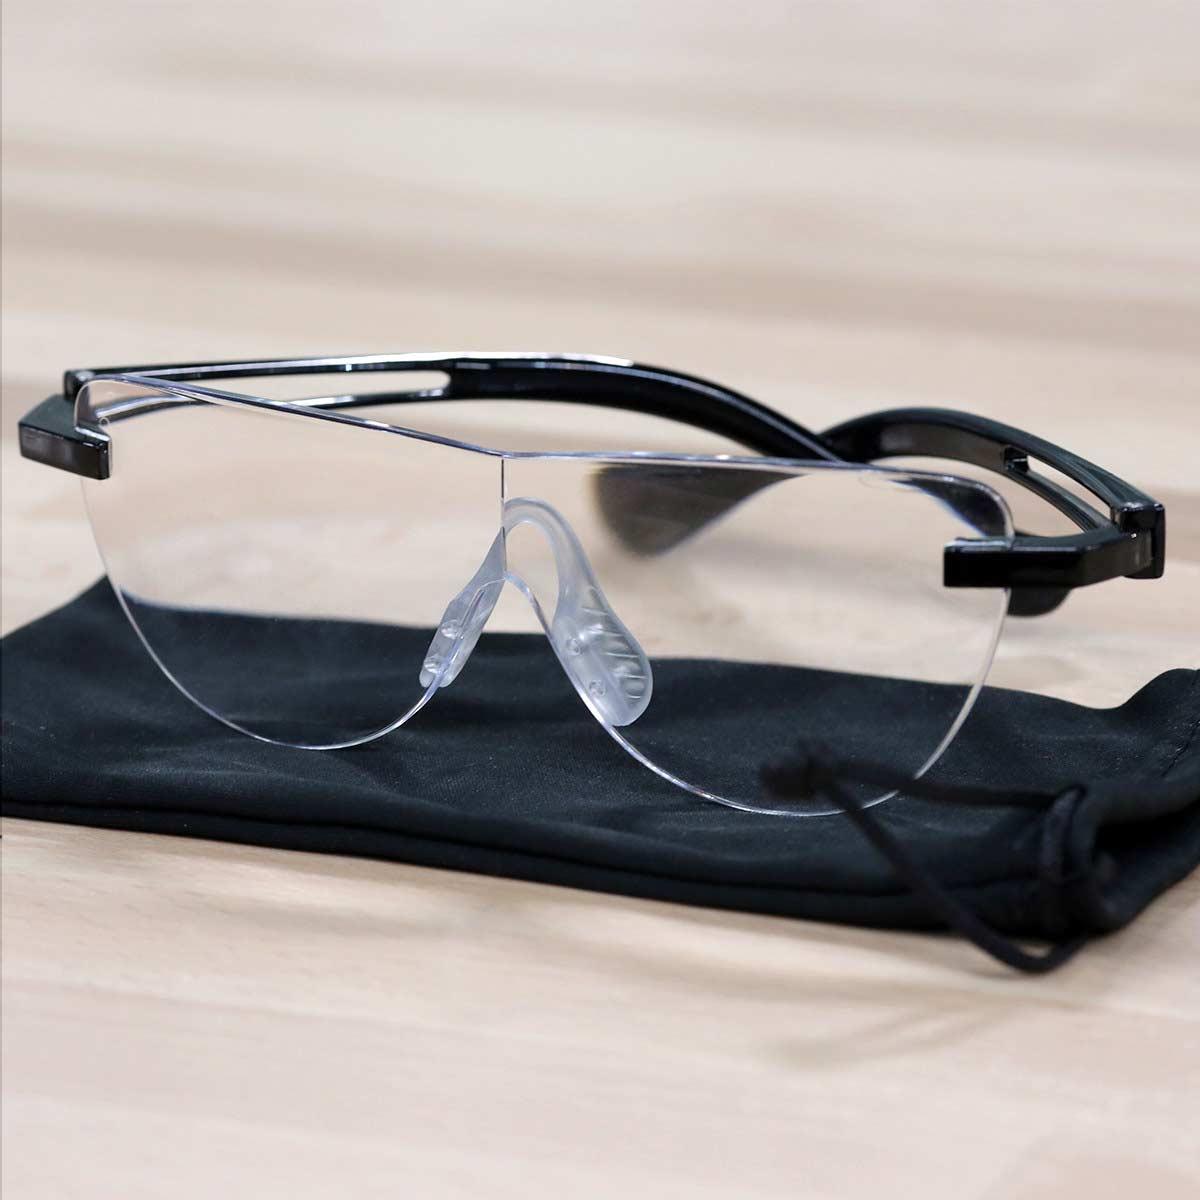 Crystal Vision okulary powiększające opinie